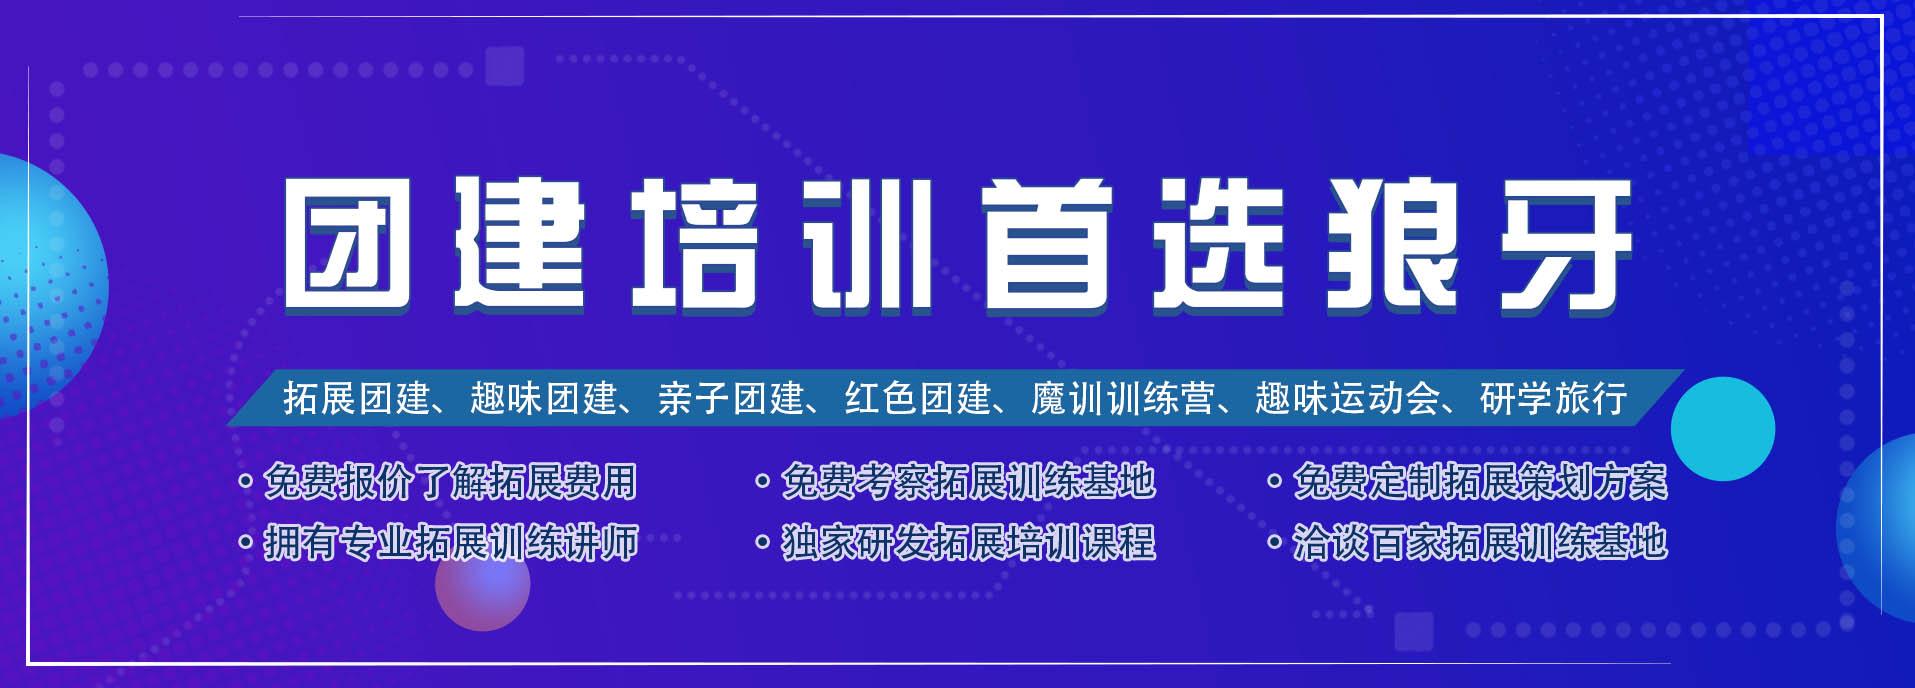 长沙米乐网址训练公司网站banner图